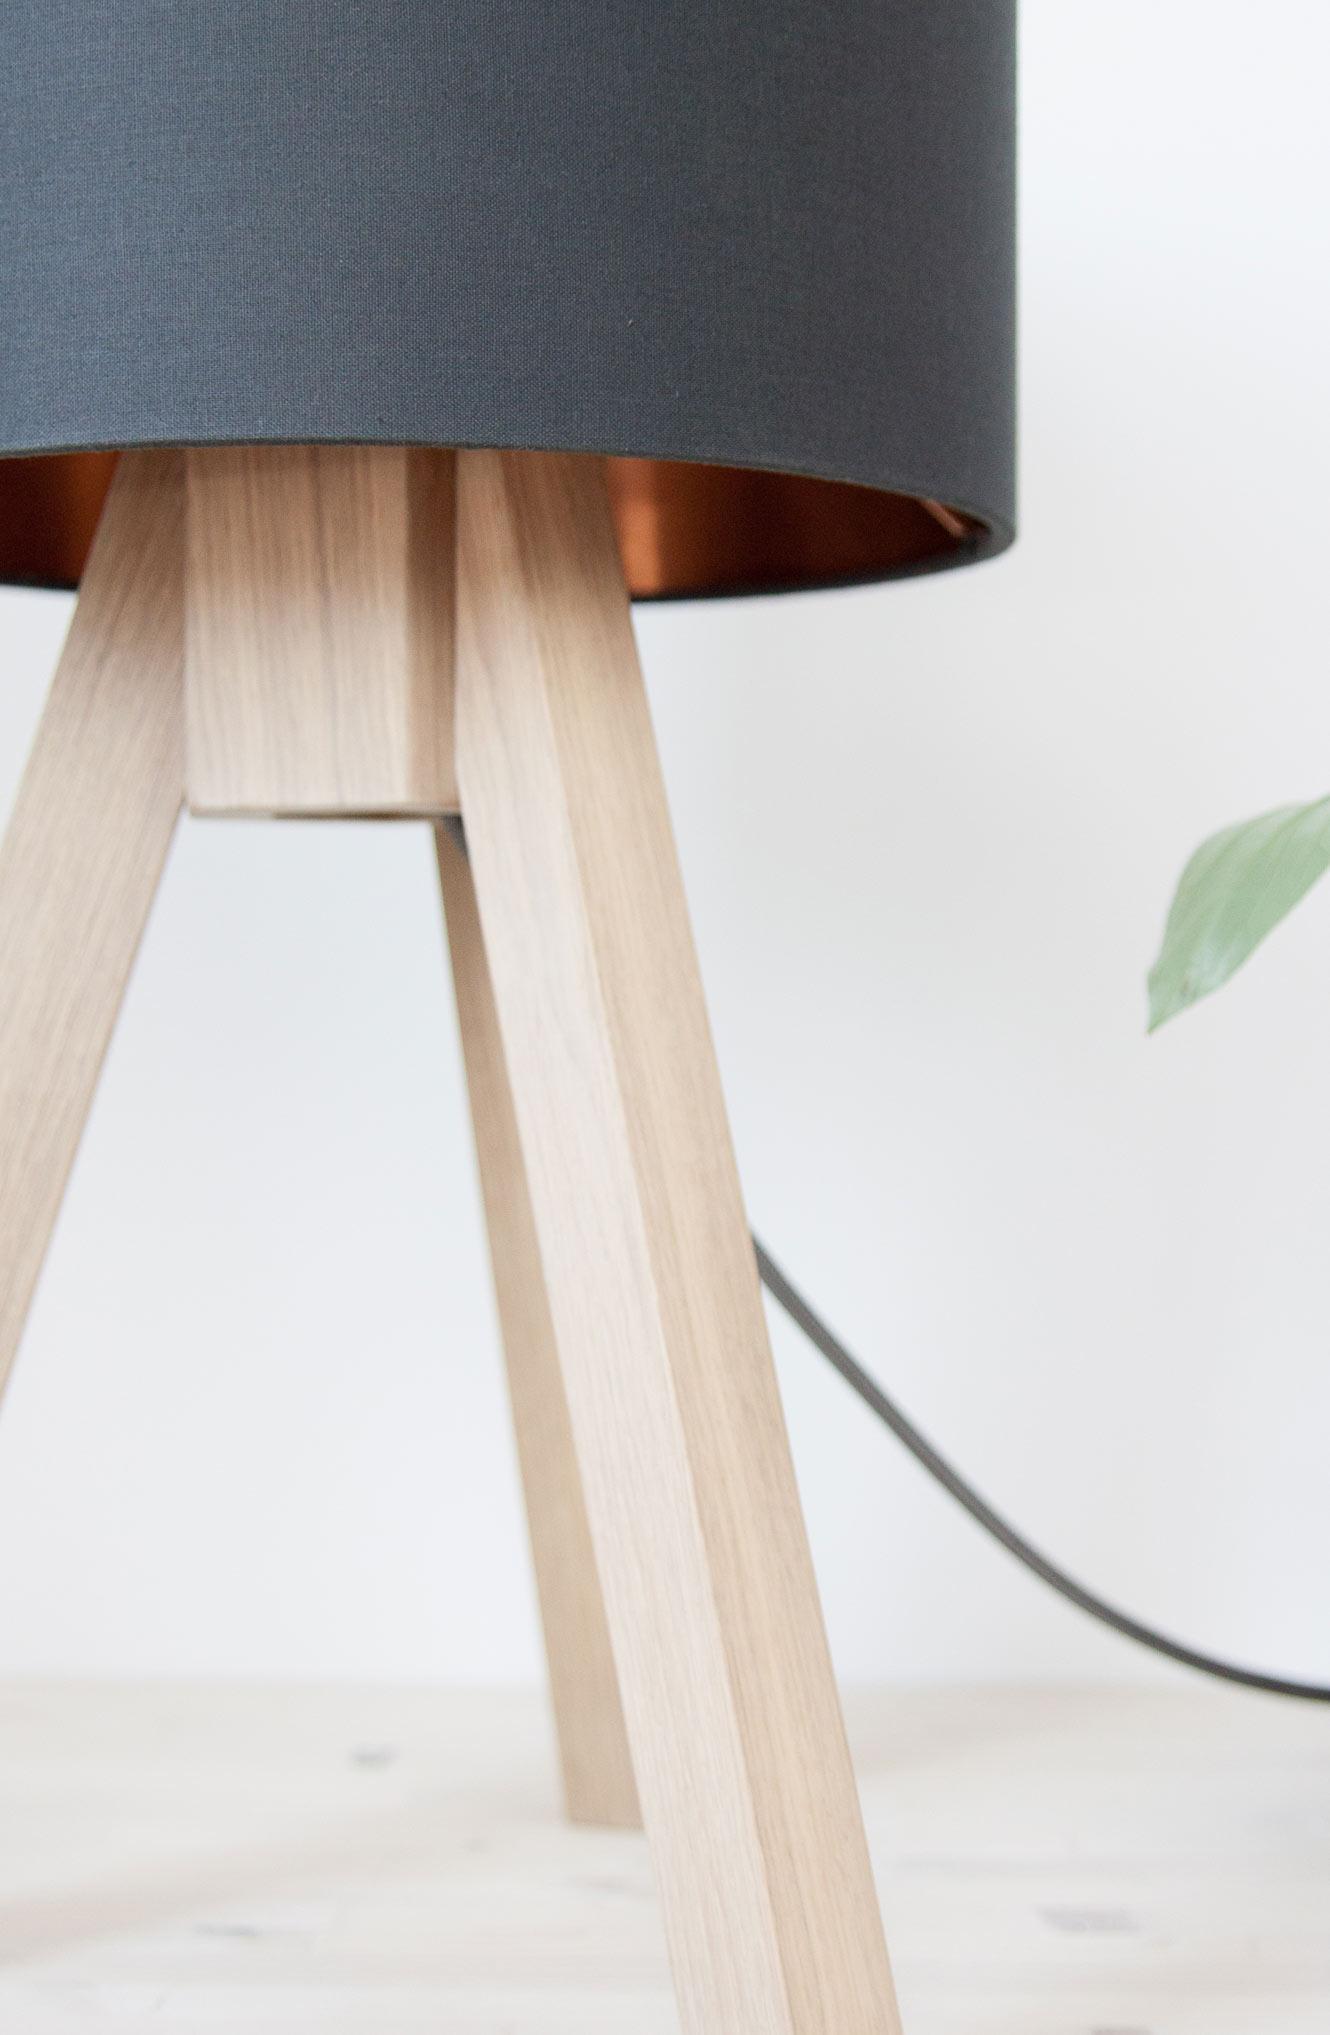 Tischleuchte Eichenholz Suutje